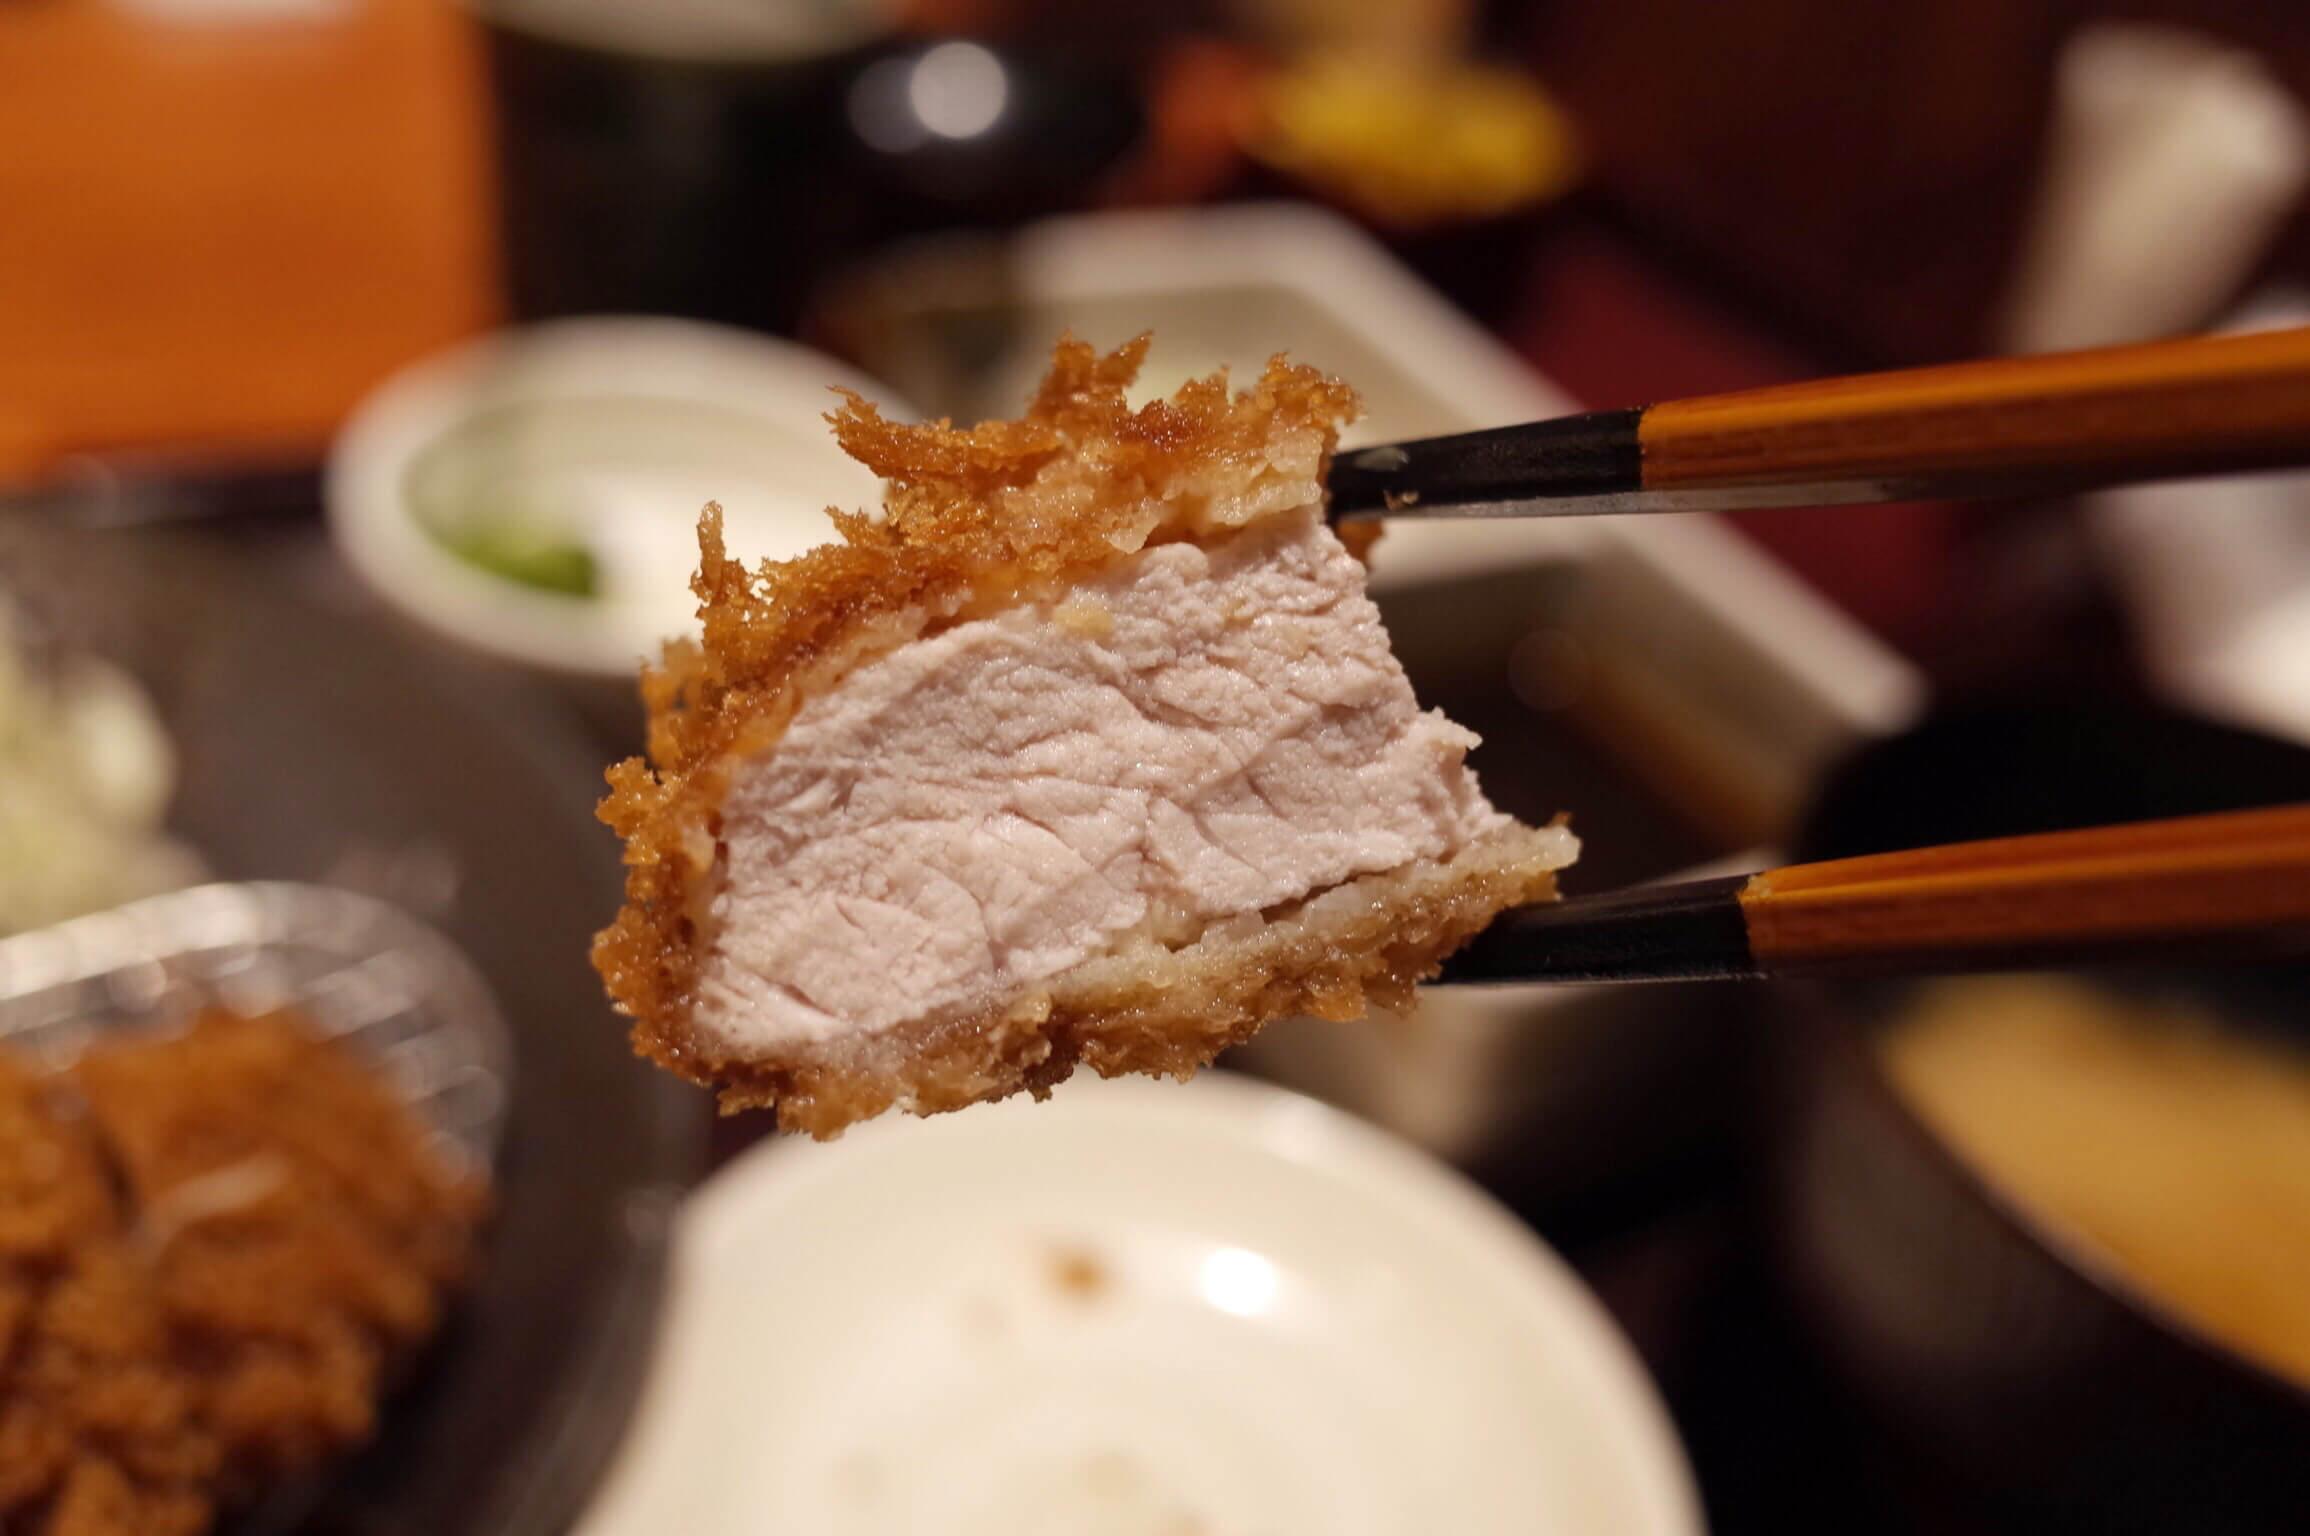 とんかつ和幸 特大ロースカツ御膳は通常の2倍のボリューム!ガッツリ食べたたいときにおすすめ